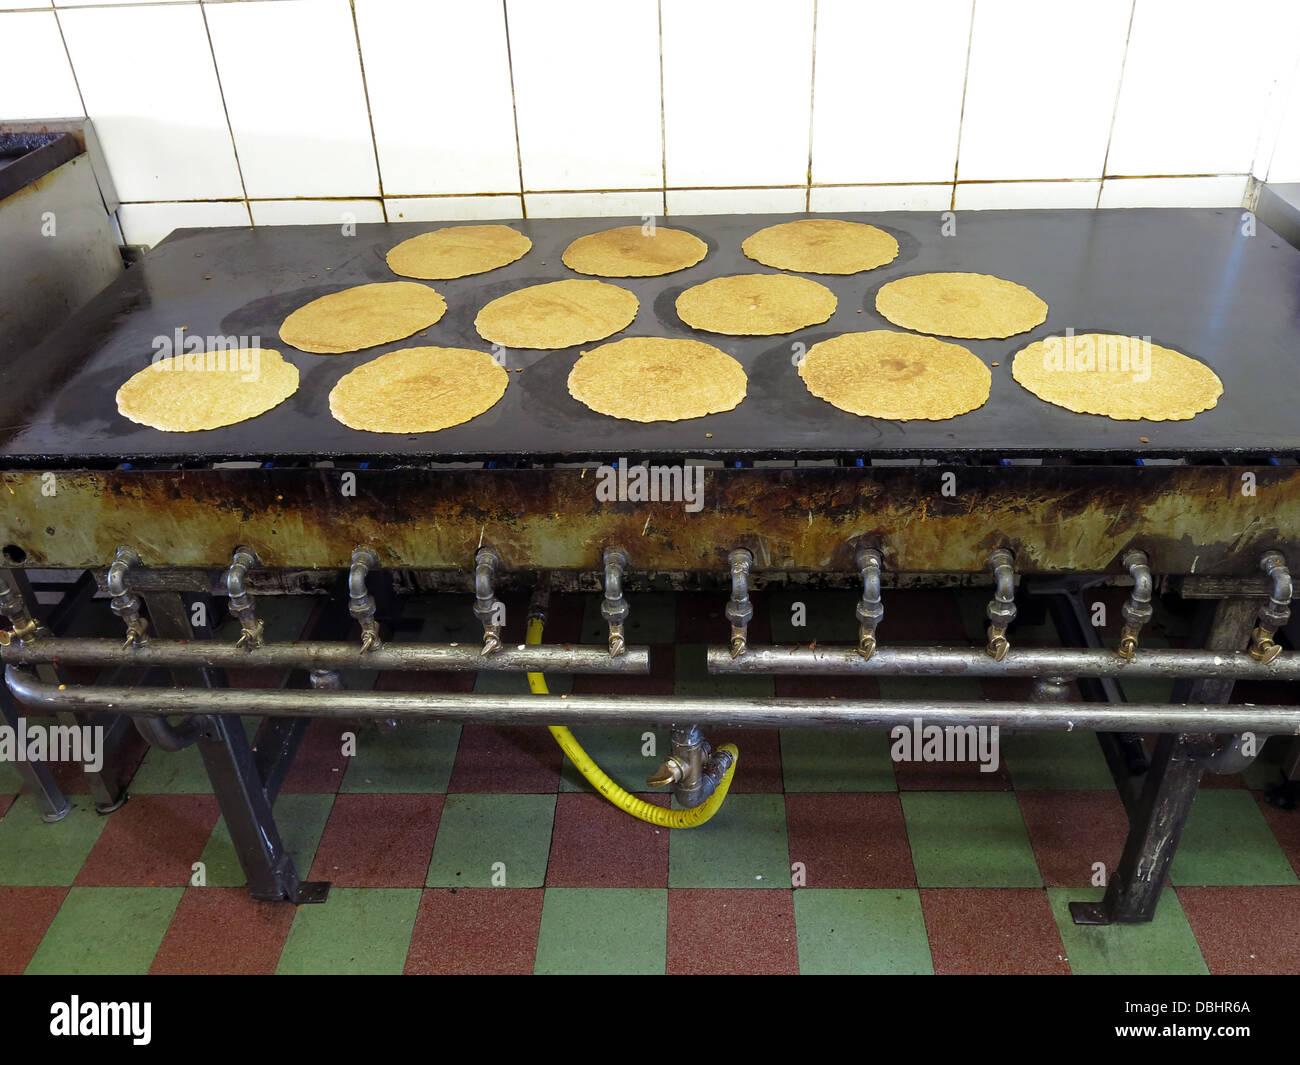 Laden Sie dieses Alamy Stockfoto Innenansicht einer traditionellen Stoke / Staffordshire Oatcake Shop, mit hellen gelben Fassade, Kochen auf einem Baxton Eisen Bratpfanne - DBHR6A